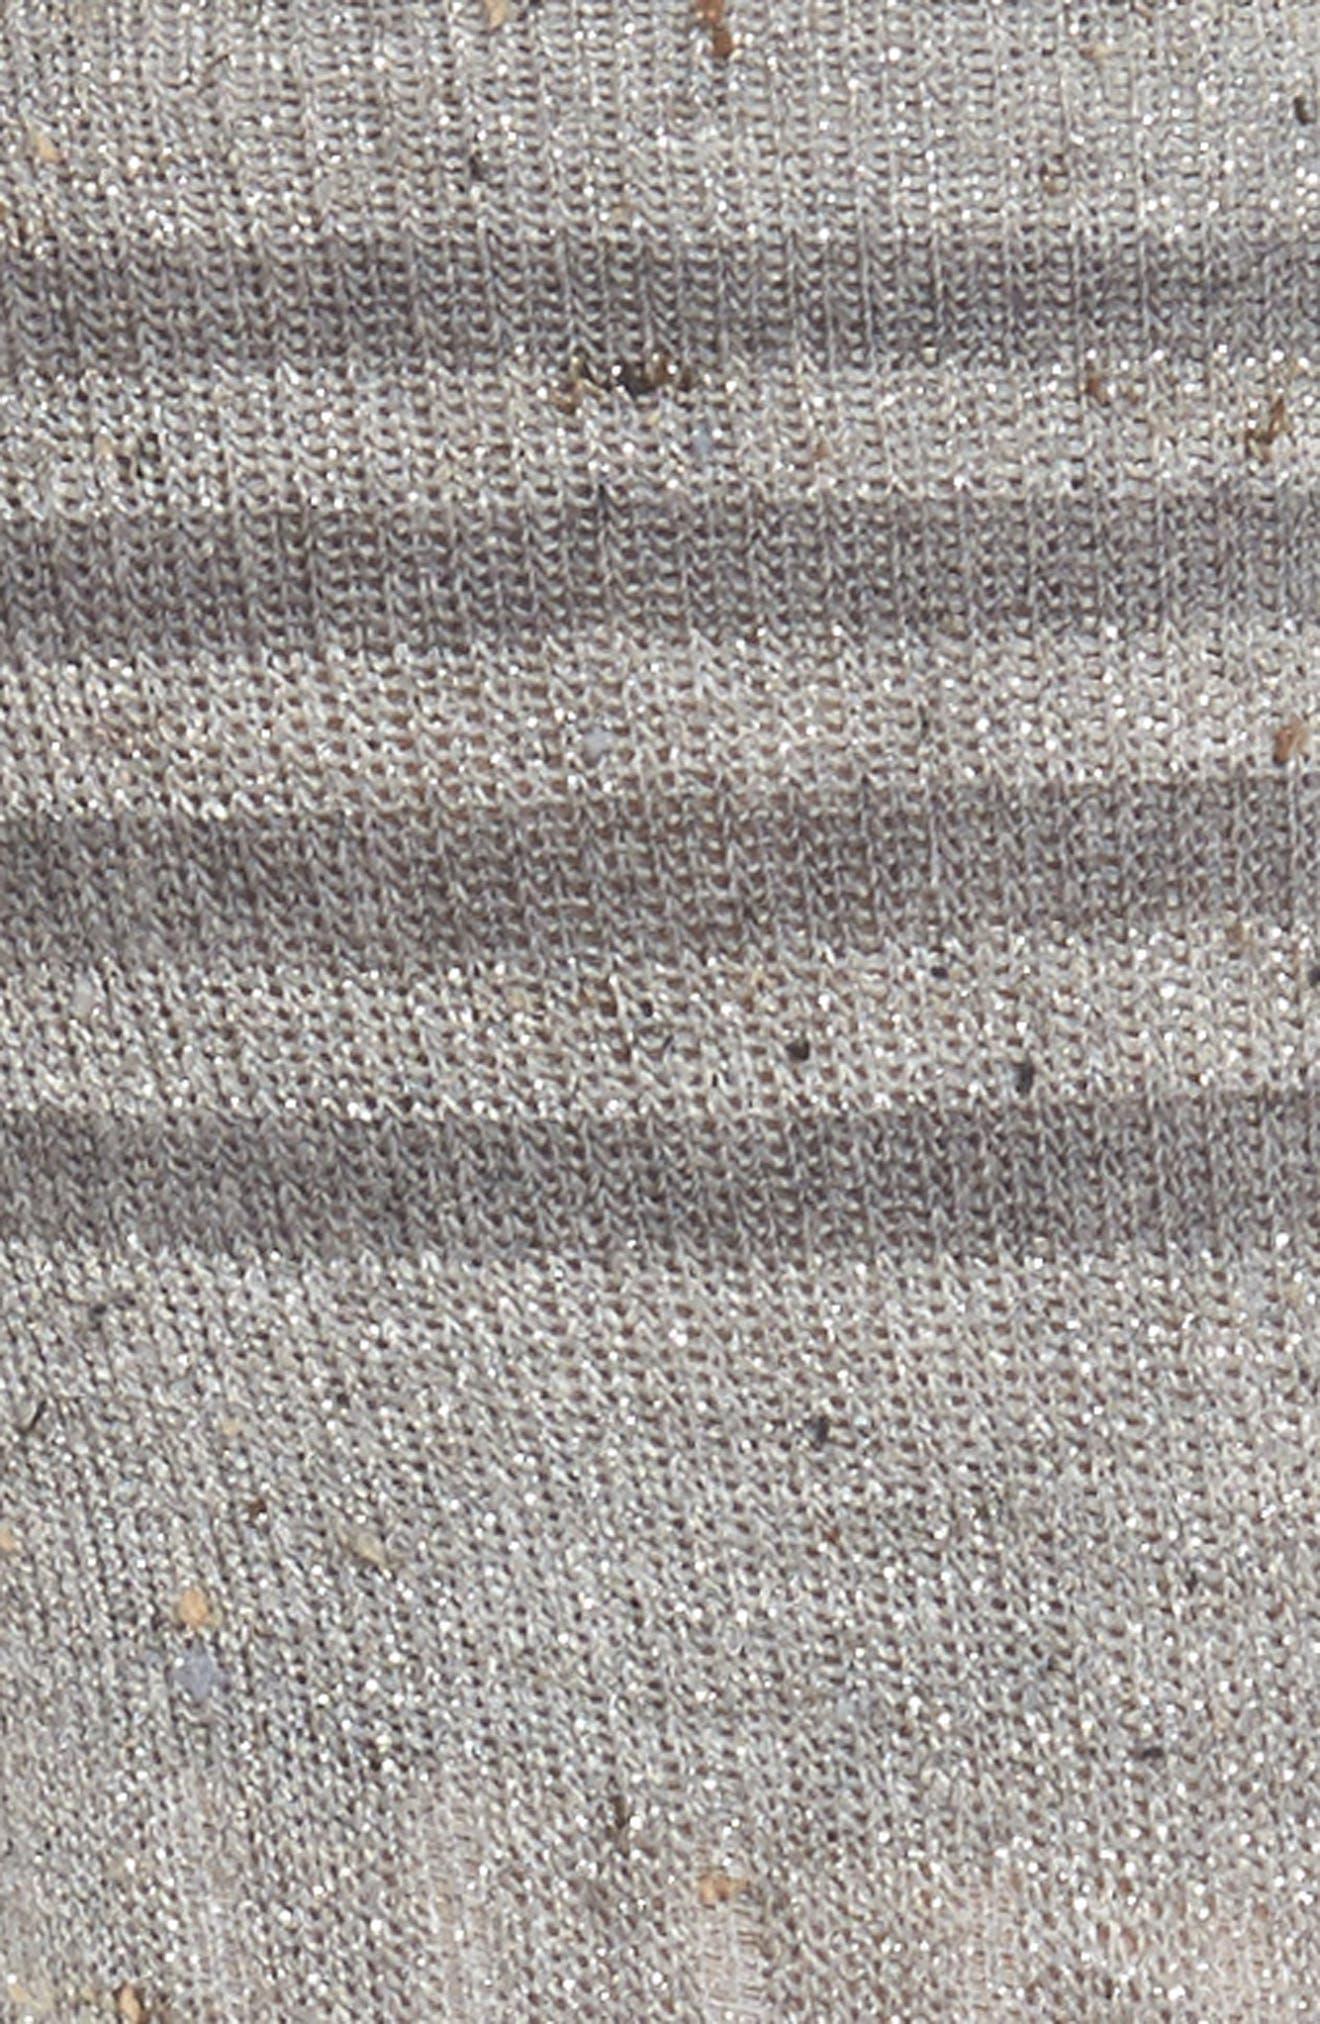 Metallic Tweed Rugby Stripe Crew Socks,                             Alternate thumbnail 2, color,                             020